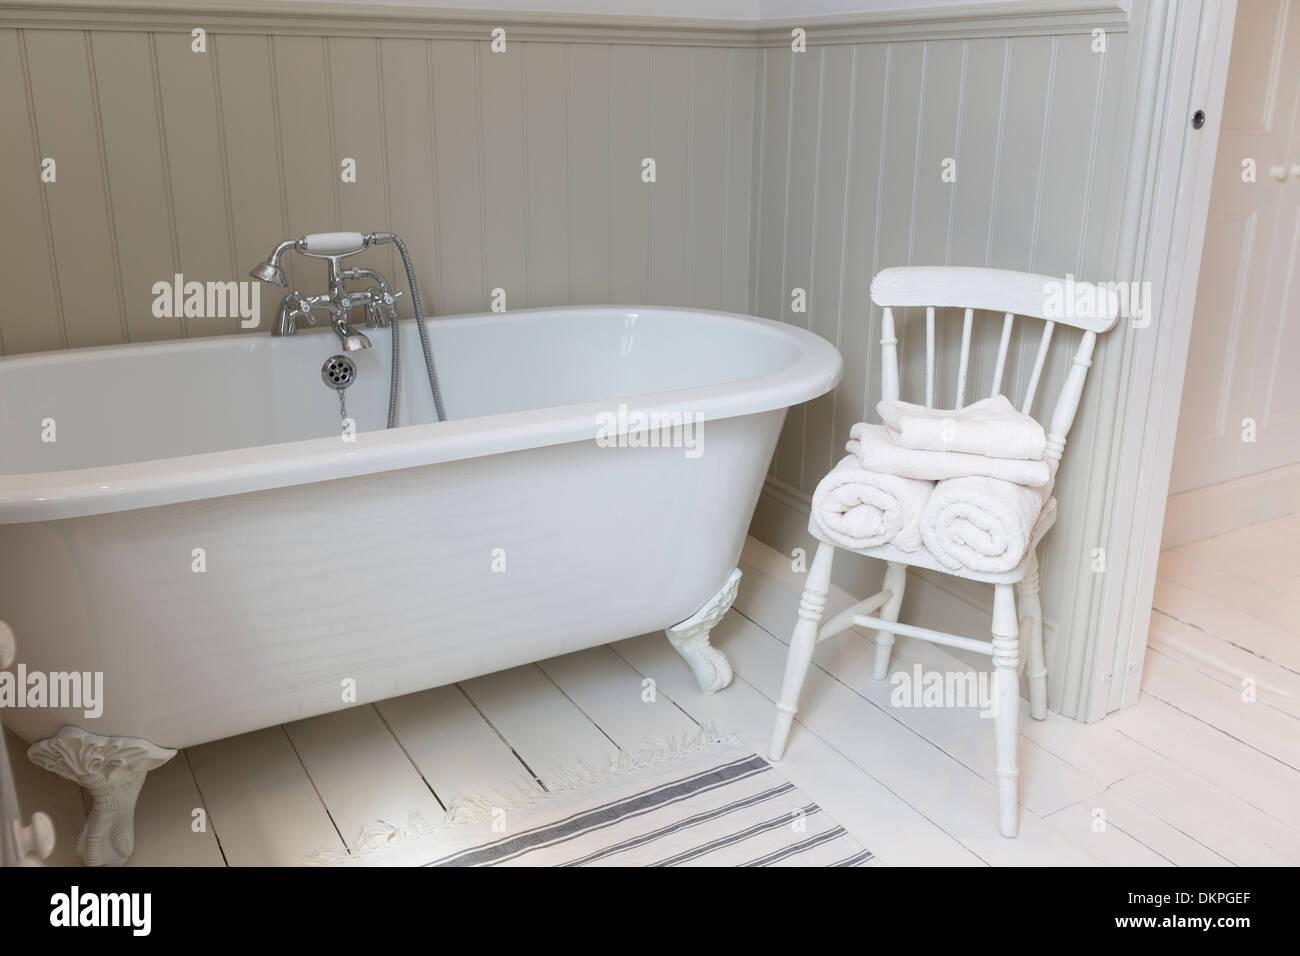 Badewanne und Stuhl im reich verzierten Badezimmer Stockbild